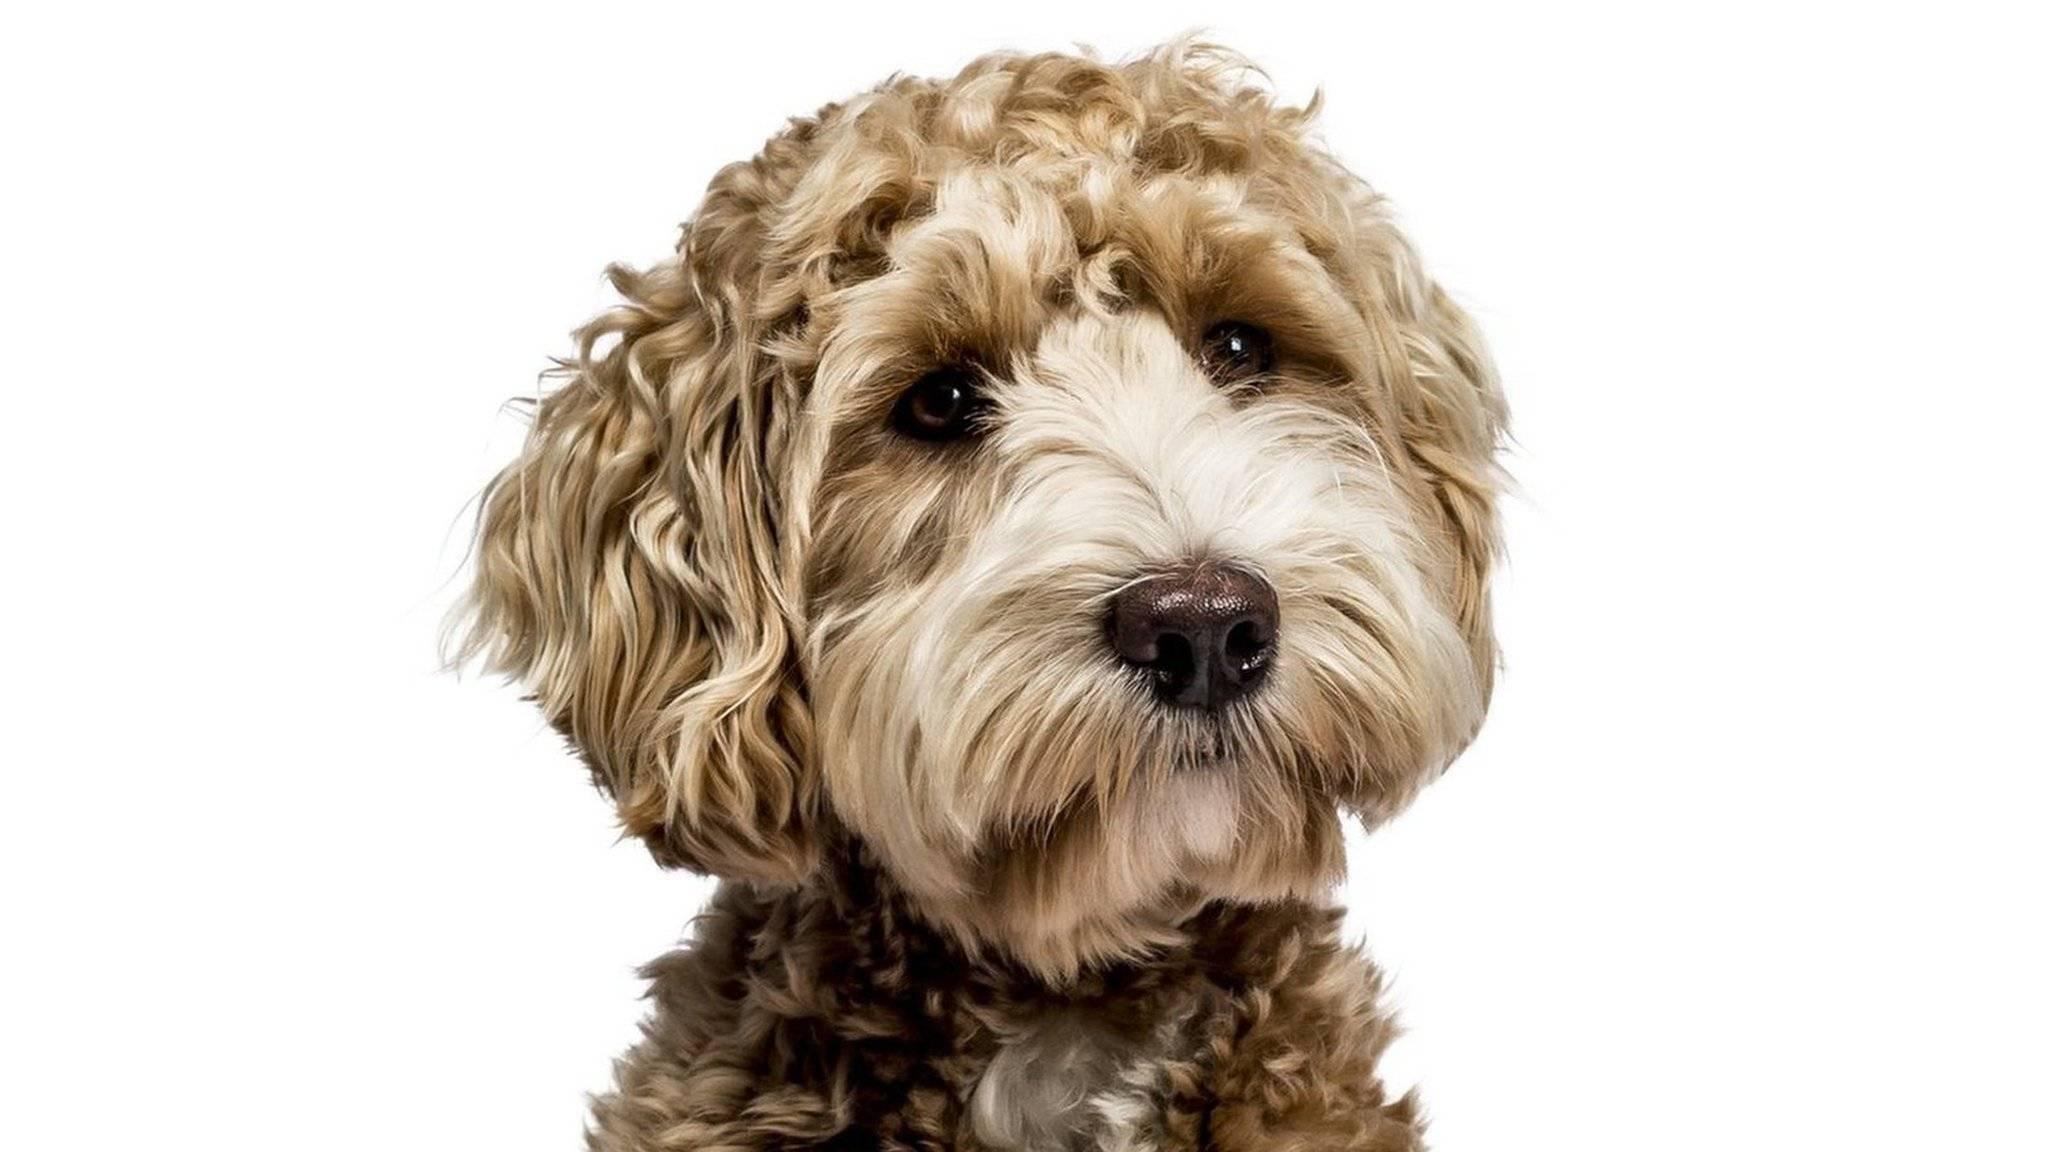 Порода собак лабрадудель ориджинал и австралийский коббердог — «плюшевый» спасатель